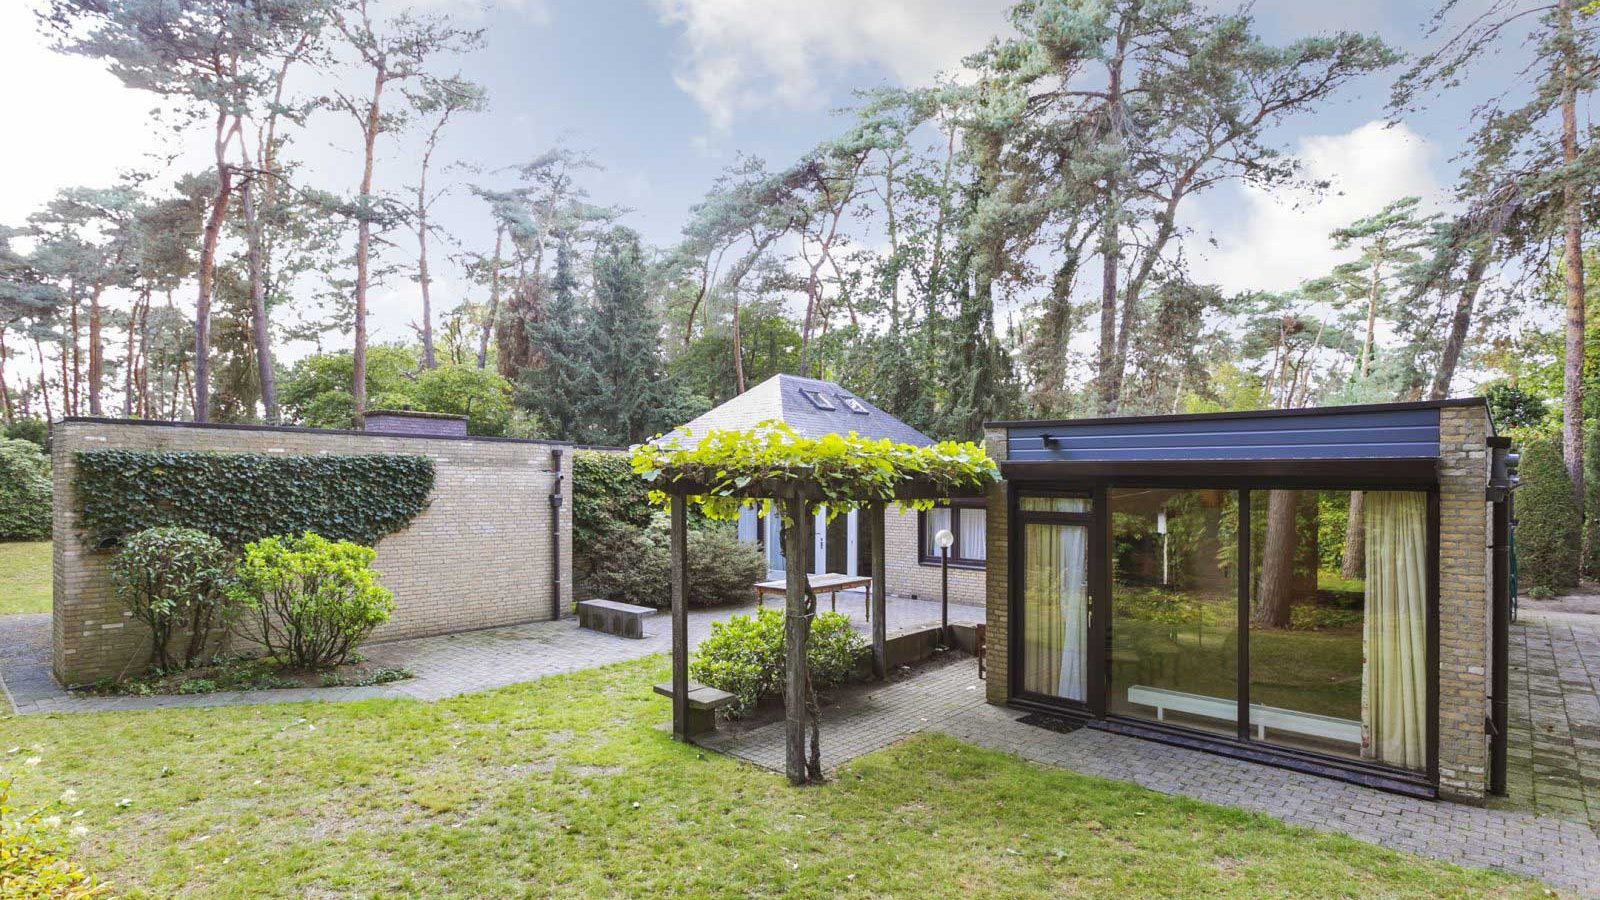 VanderLandelaan25Herkenbosch-EXT-46-1600x1067